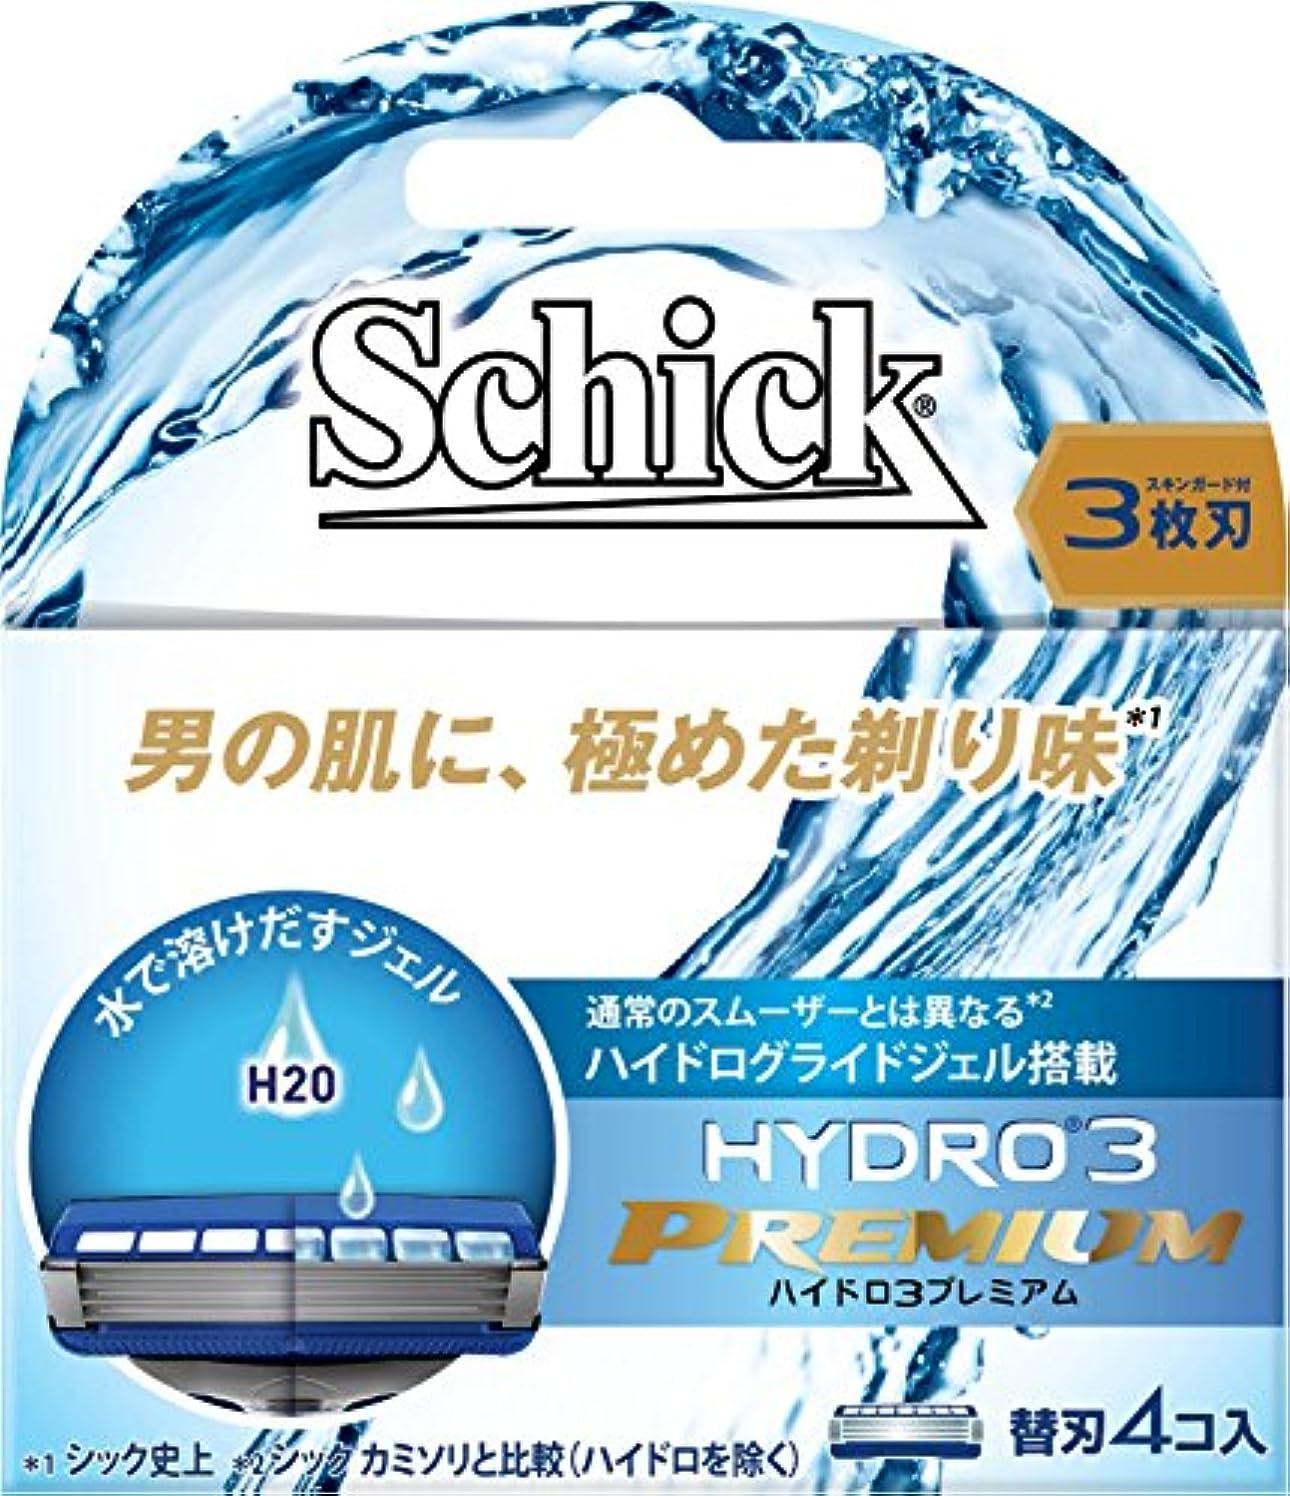 参照ちらつき避難シック Schick 3枚刃 ハイドロ3プレミアム 替刃 (4コ入)